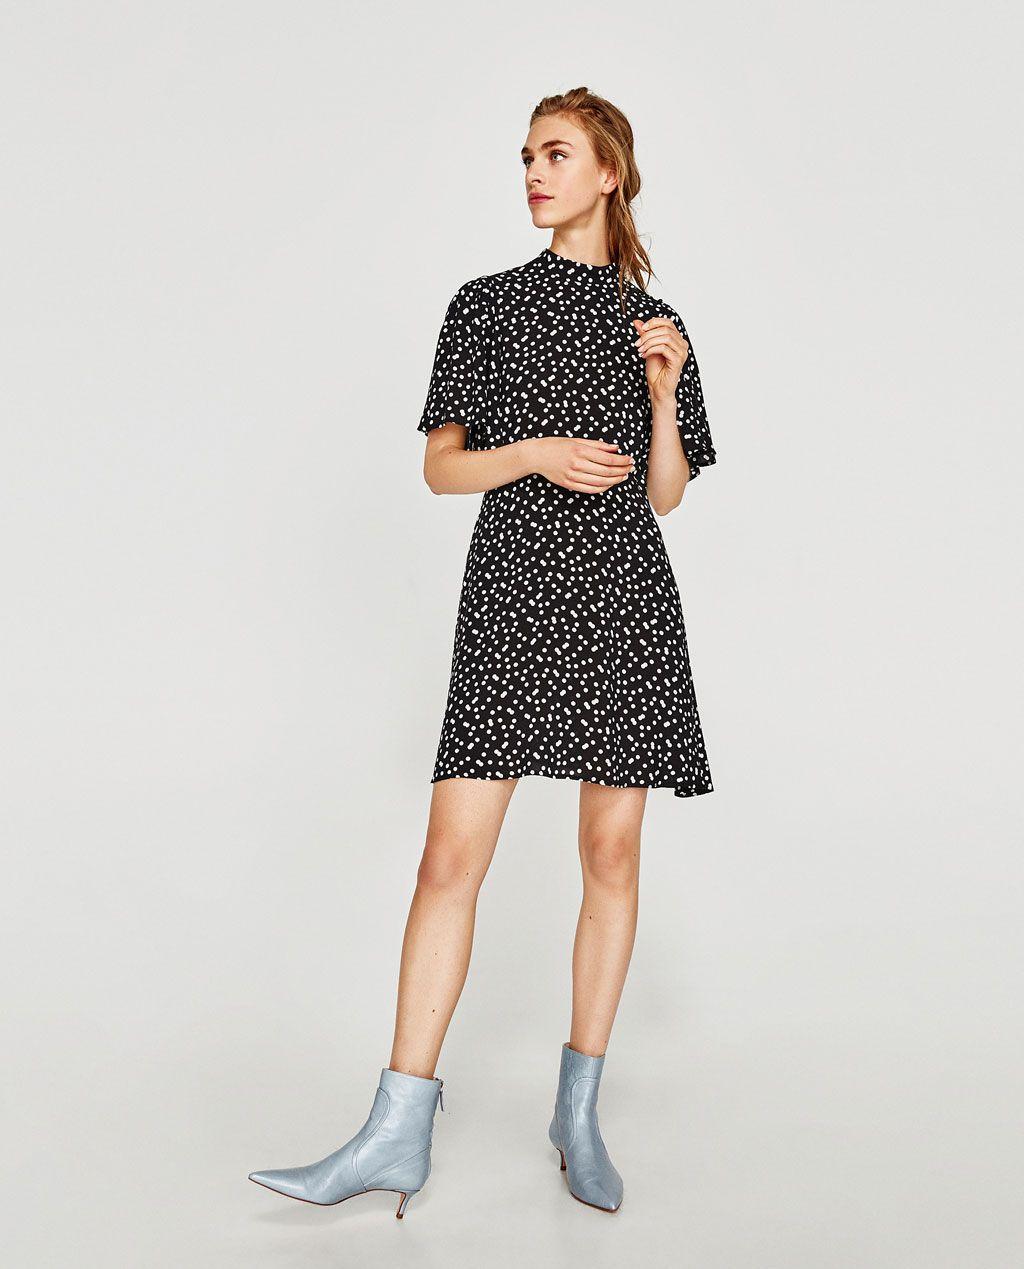 Med I Zara 1 Prikker Fra Bilde Want Kjole Things RqFtT0